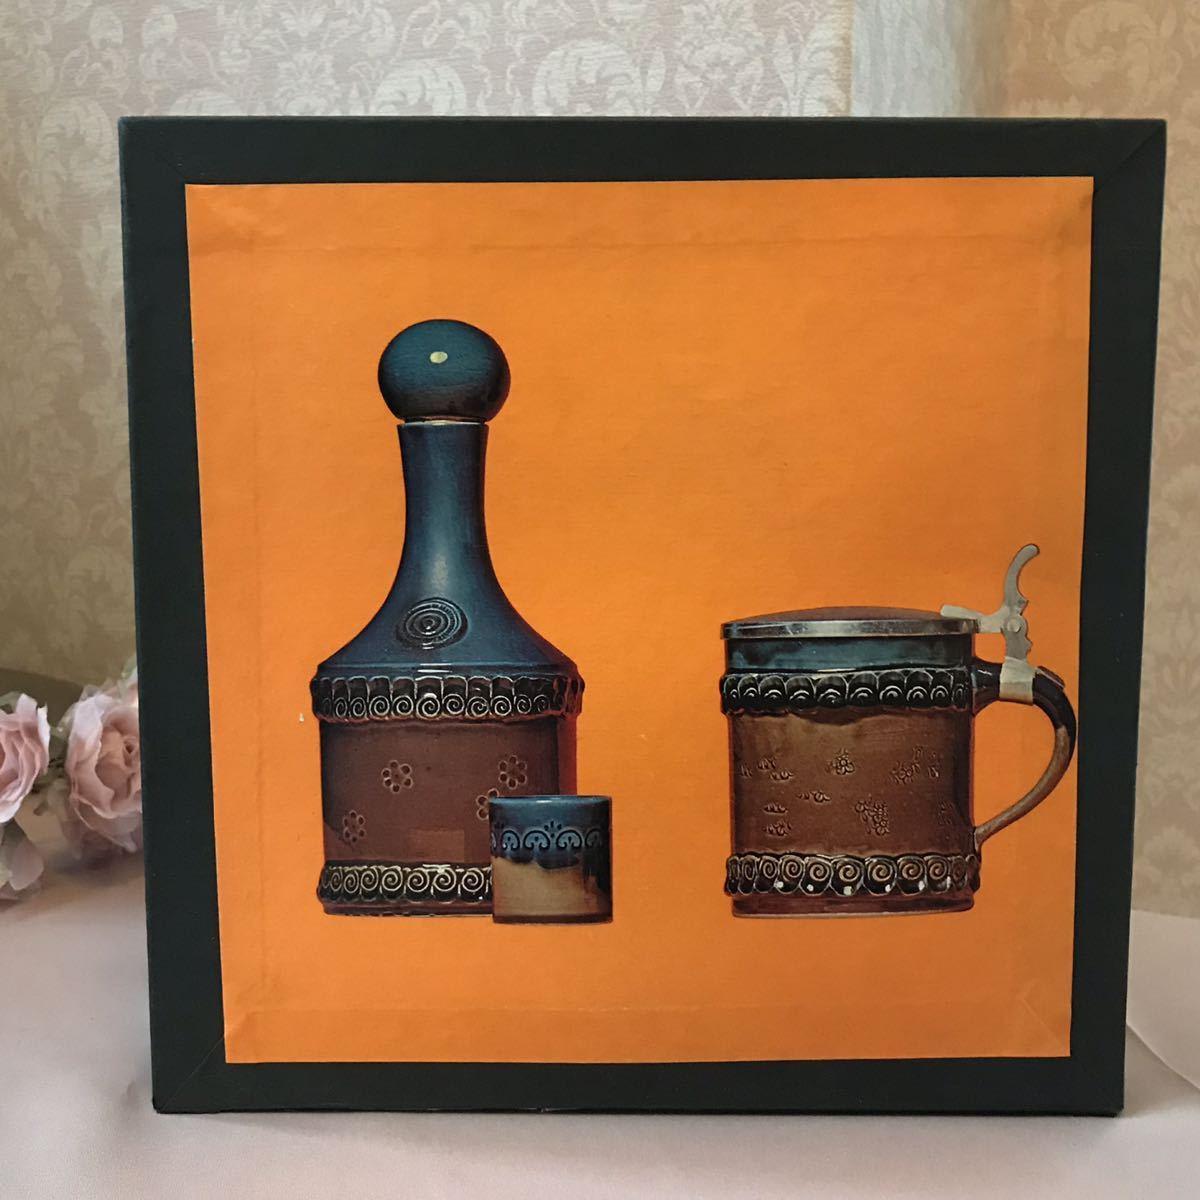 〈送料込〉ローゼンタール ビョルン ヴィンブラッド リキュール セット Rosenthal Bjorn Wiinblad 陶器 食器 ポット ボトル カップ ドイツ_画像9